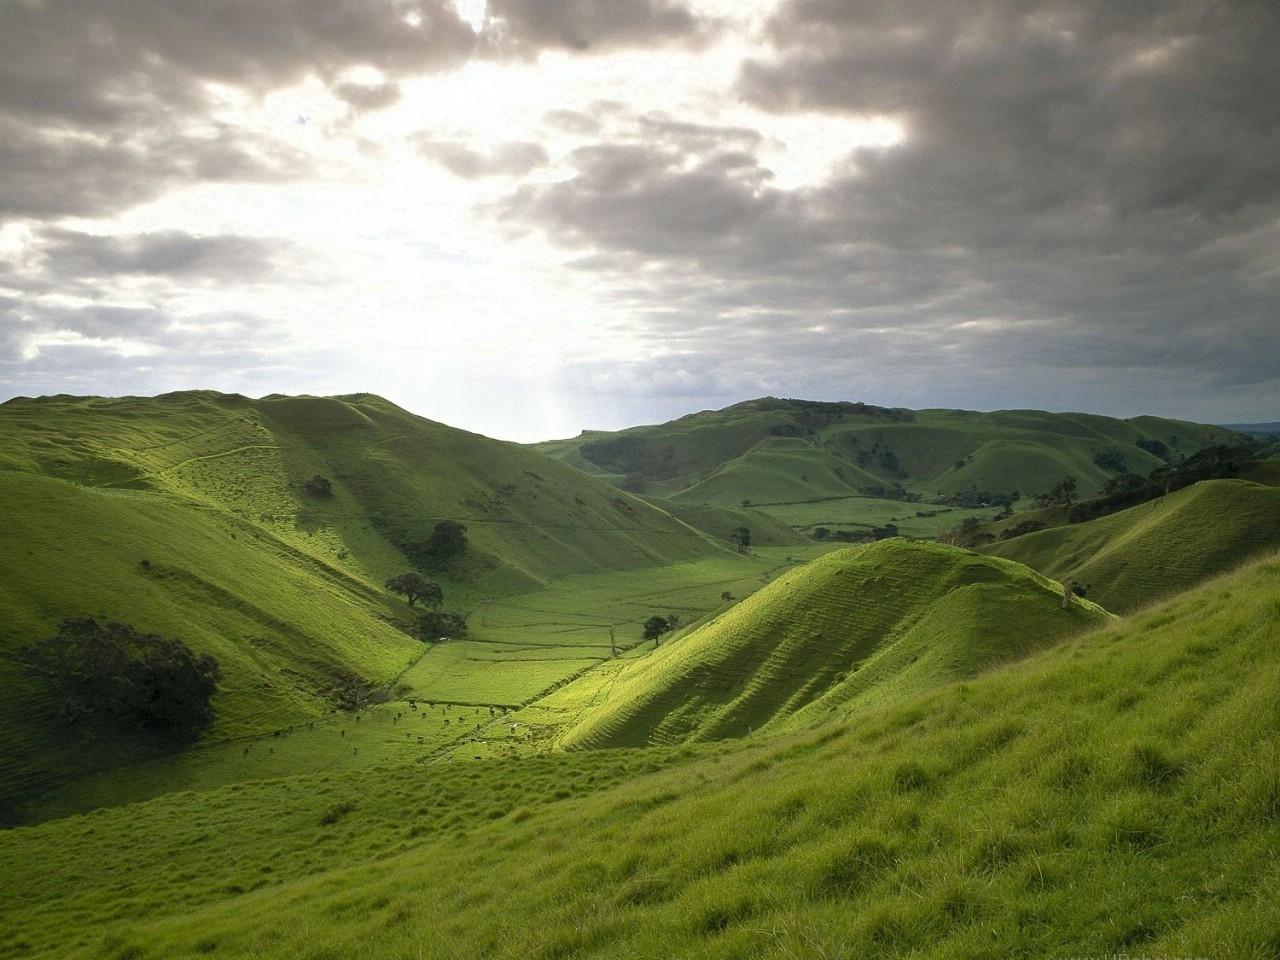 24229 скачать обои Пейзаж, Трава, Горы, Облака - заставки и картинки бесплатно